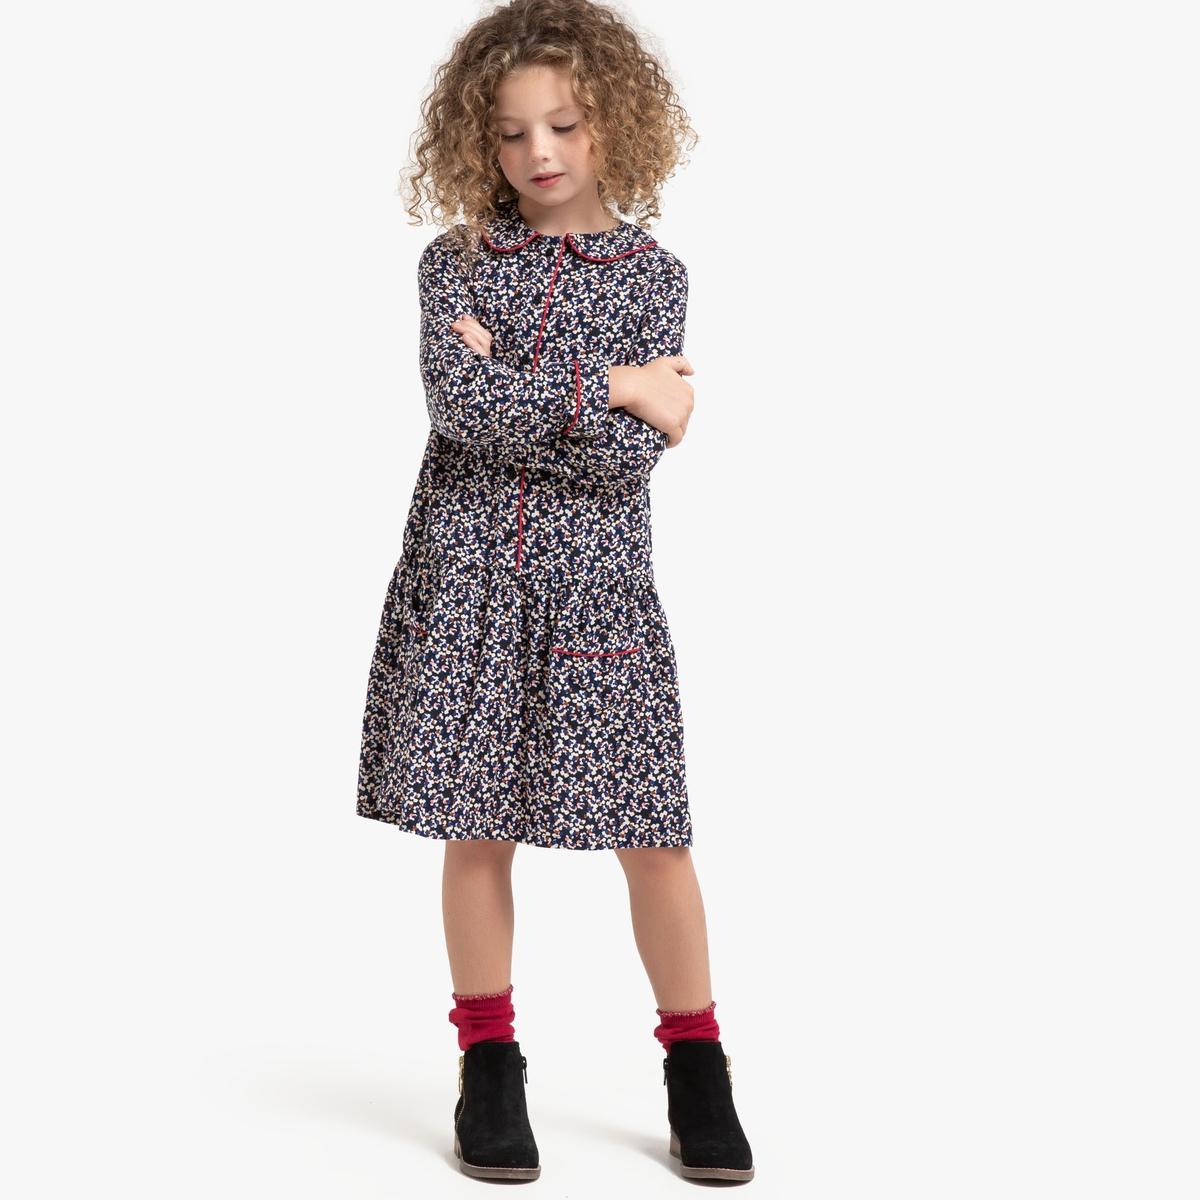 Платье La Redoute Струящееся с длинными рукавами с принтом 6 лет - 114 см другие блузка la redoute в полоску с длинными рукавами 12 лет 150 см другие